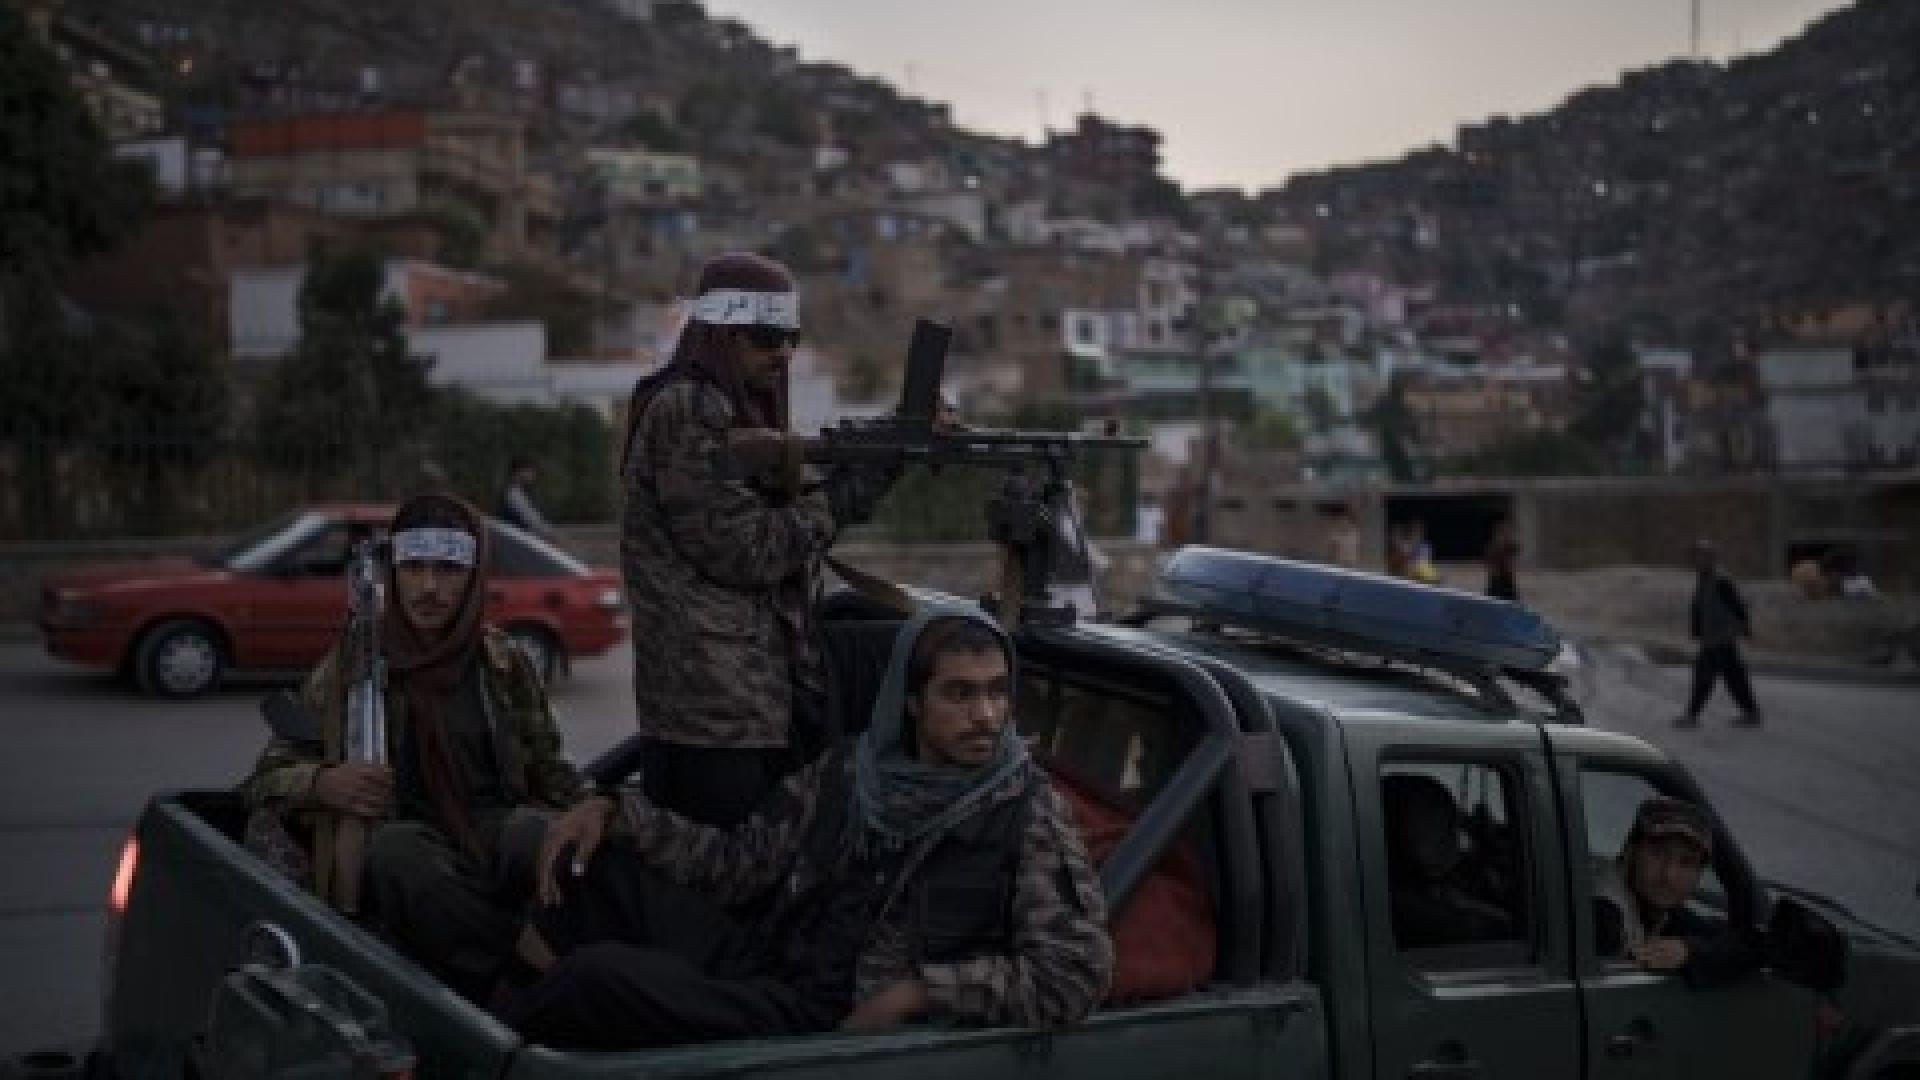 Бомбен атентат срещу талибански конвой, САЩ смекчиха санкциите срещу талибаните